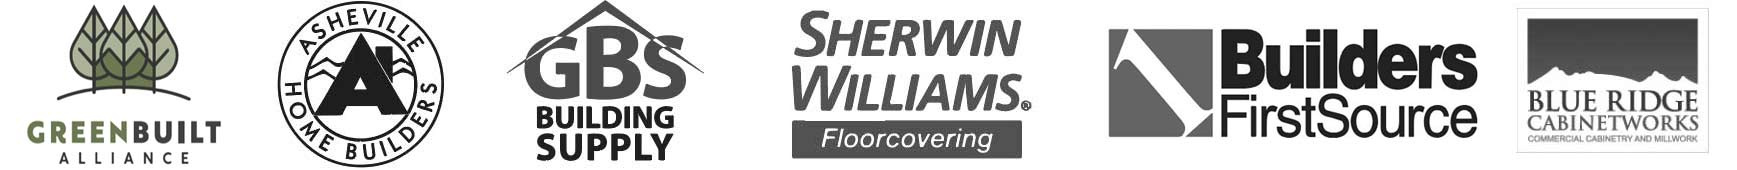 Asheville Home Builder Logos: Includes GreenBuilt Alliance, Asheville Home Builders GBS Building Supply.